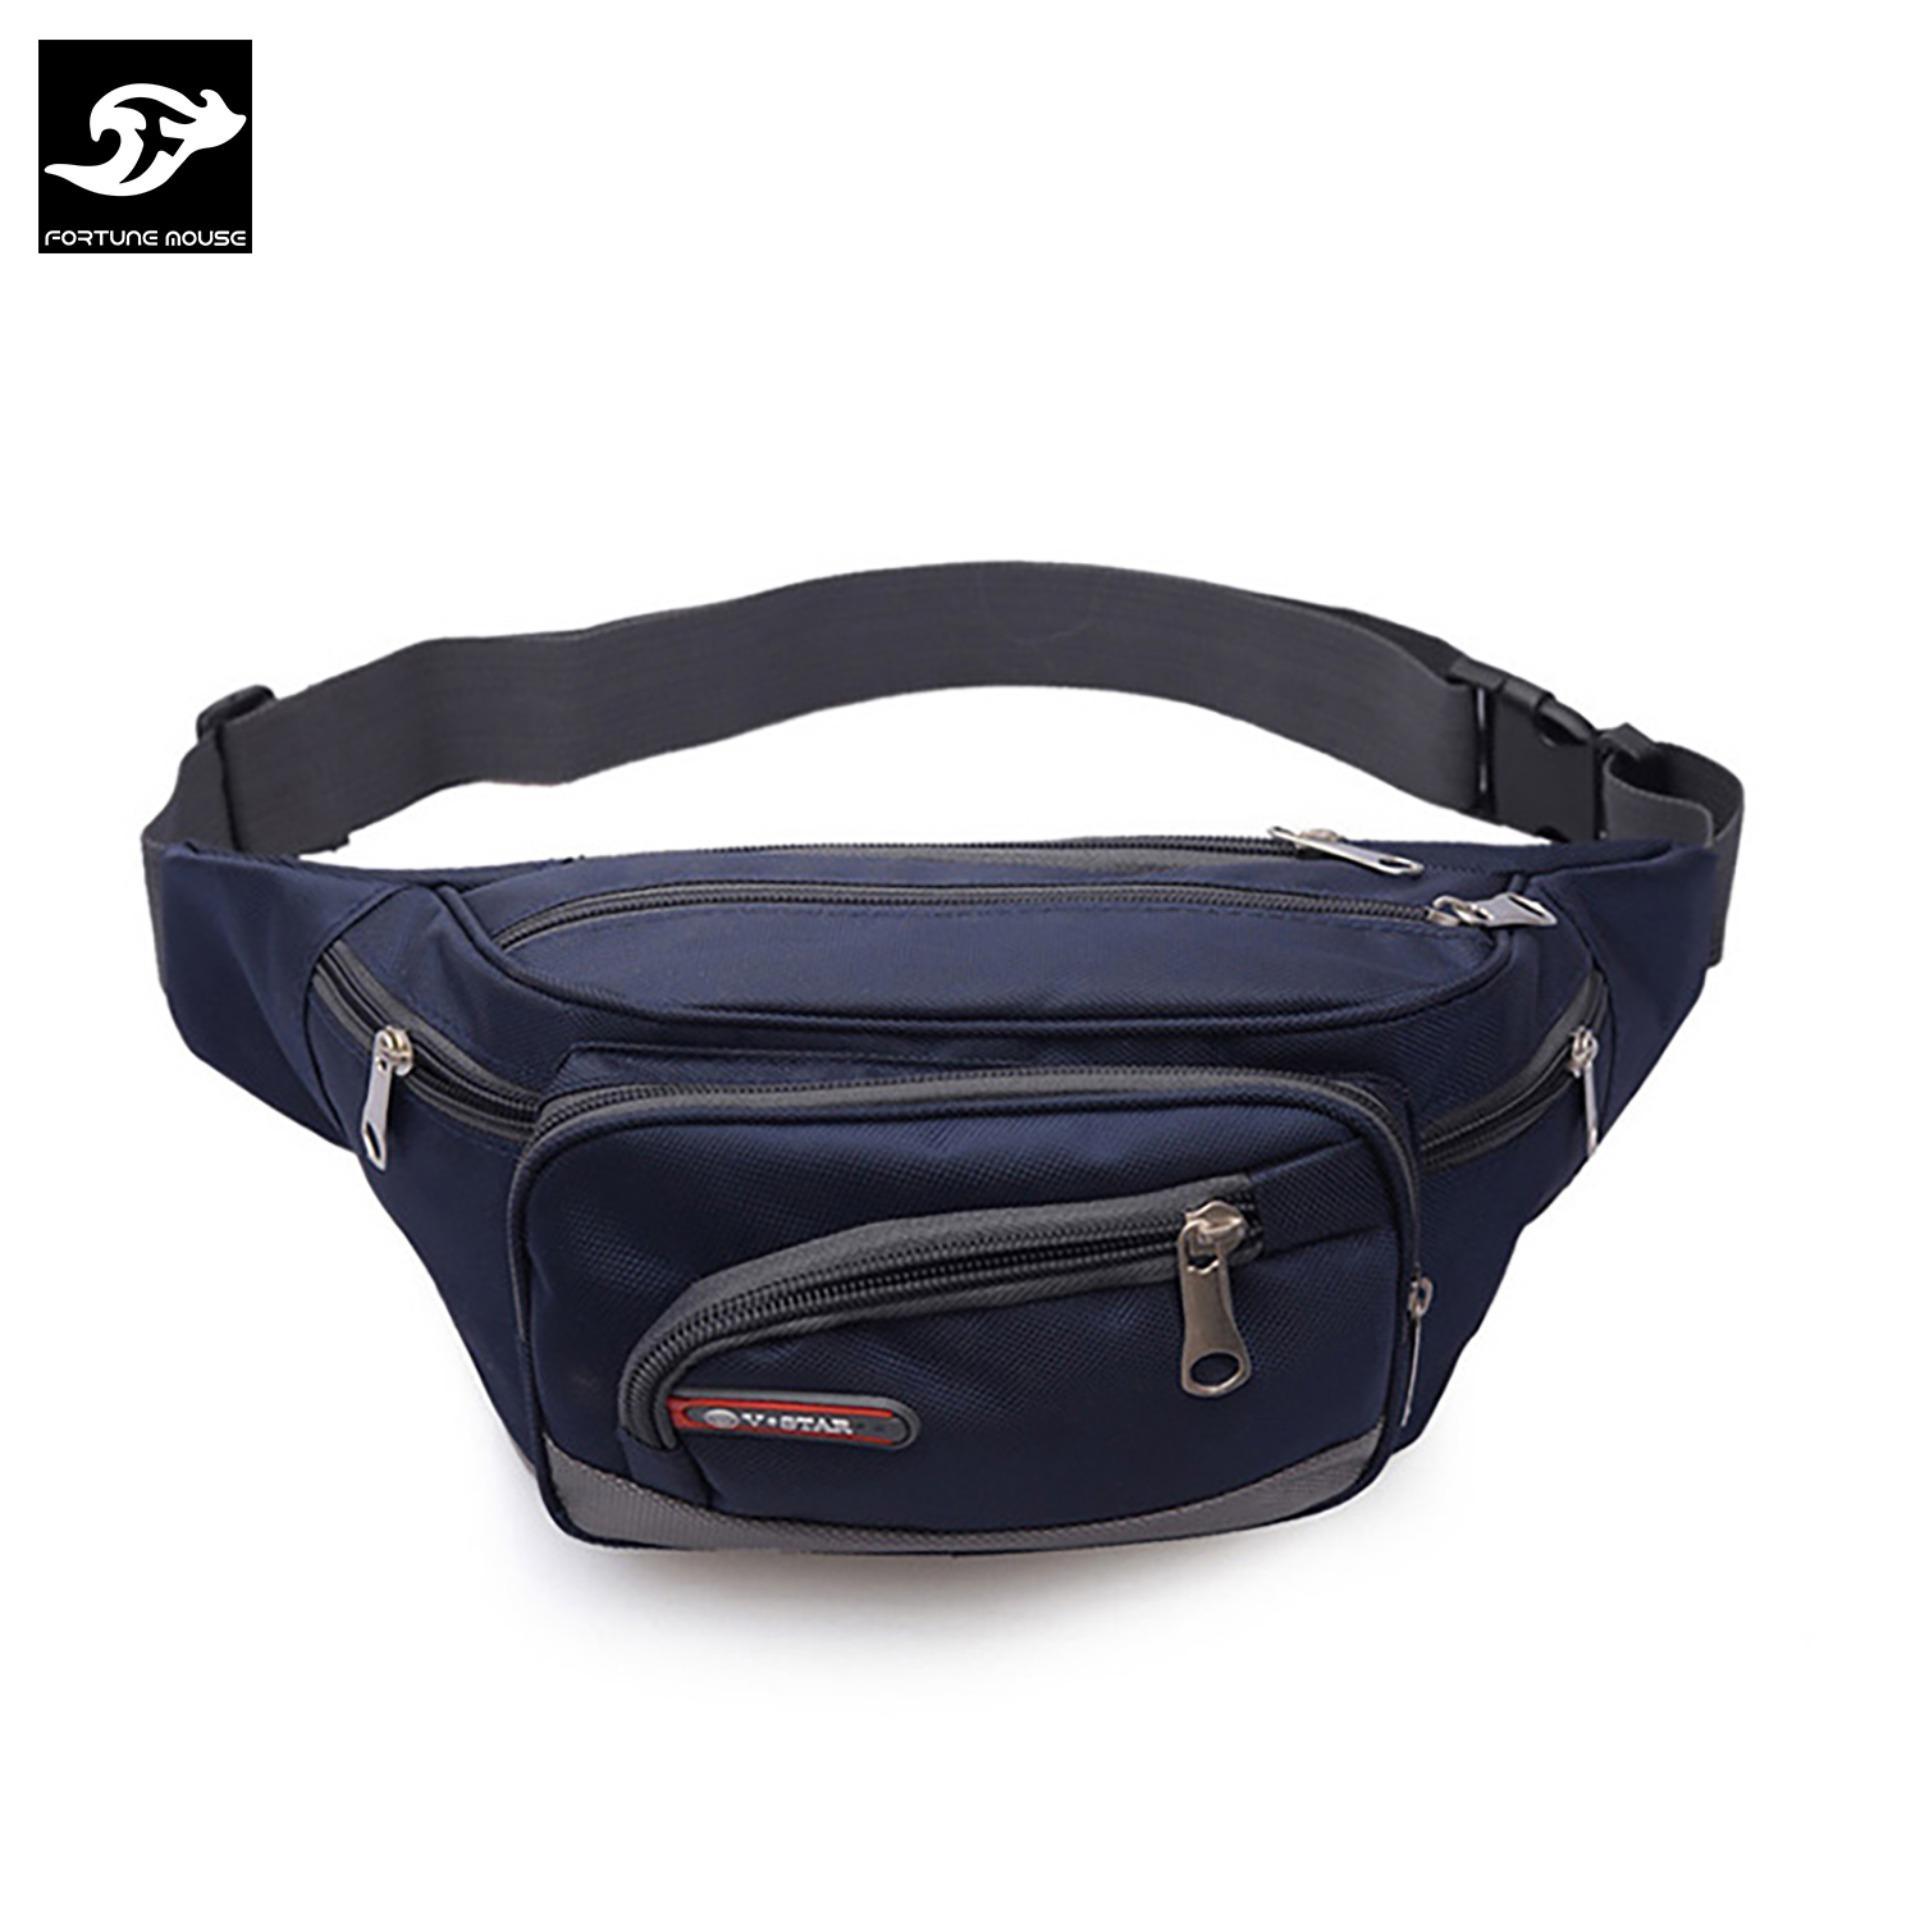 Túi đeo hông CỠ LỚN, 6 NGĂN tiện lợi Fortune Mouse 1118 (Xanh)